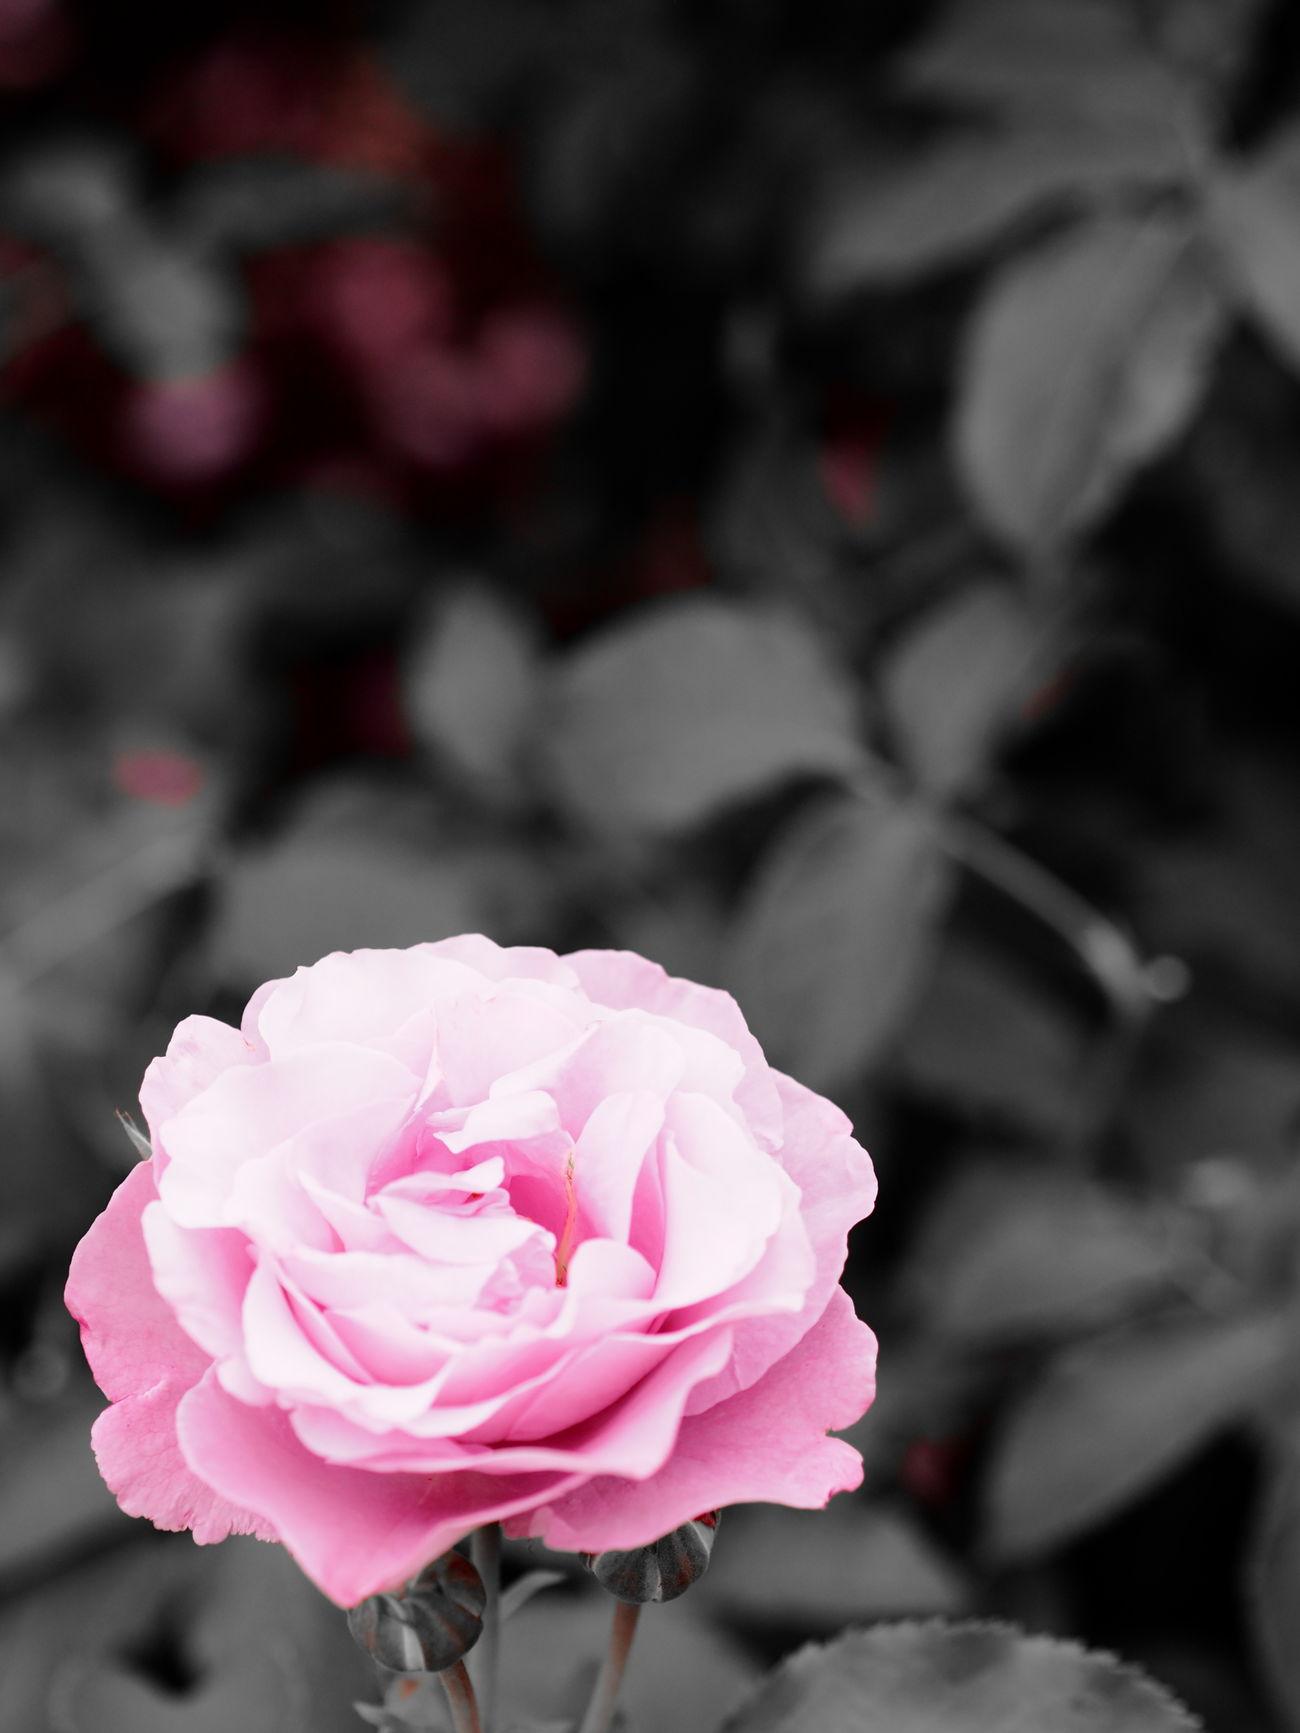 EyeEmFlower Flower Flower Collection Flower Head Rose - Flower Rose Garden Roses🌹 Rose♥ Rose🌹